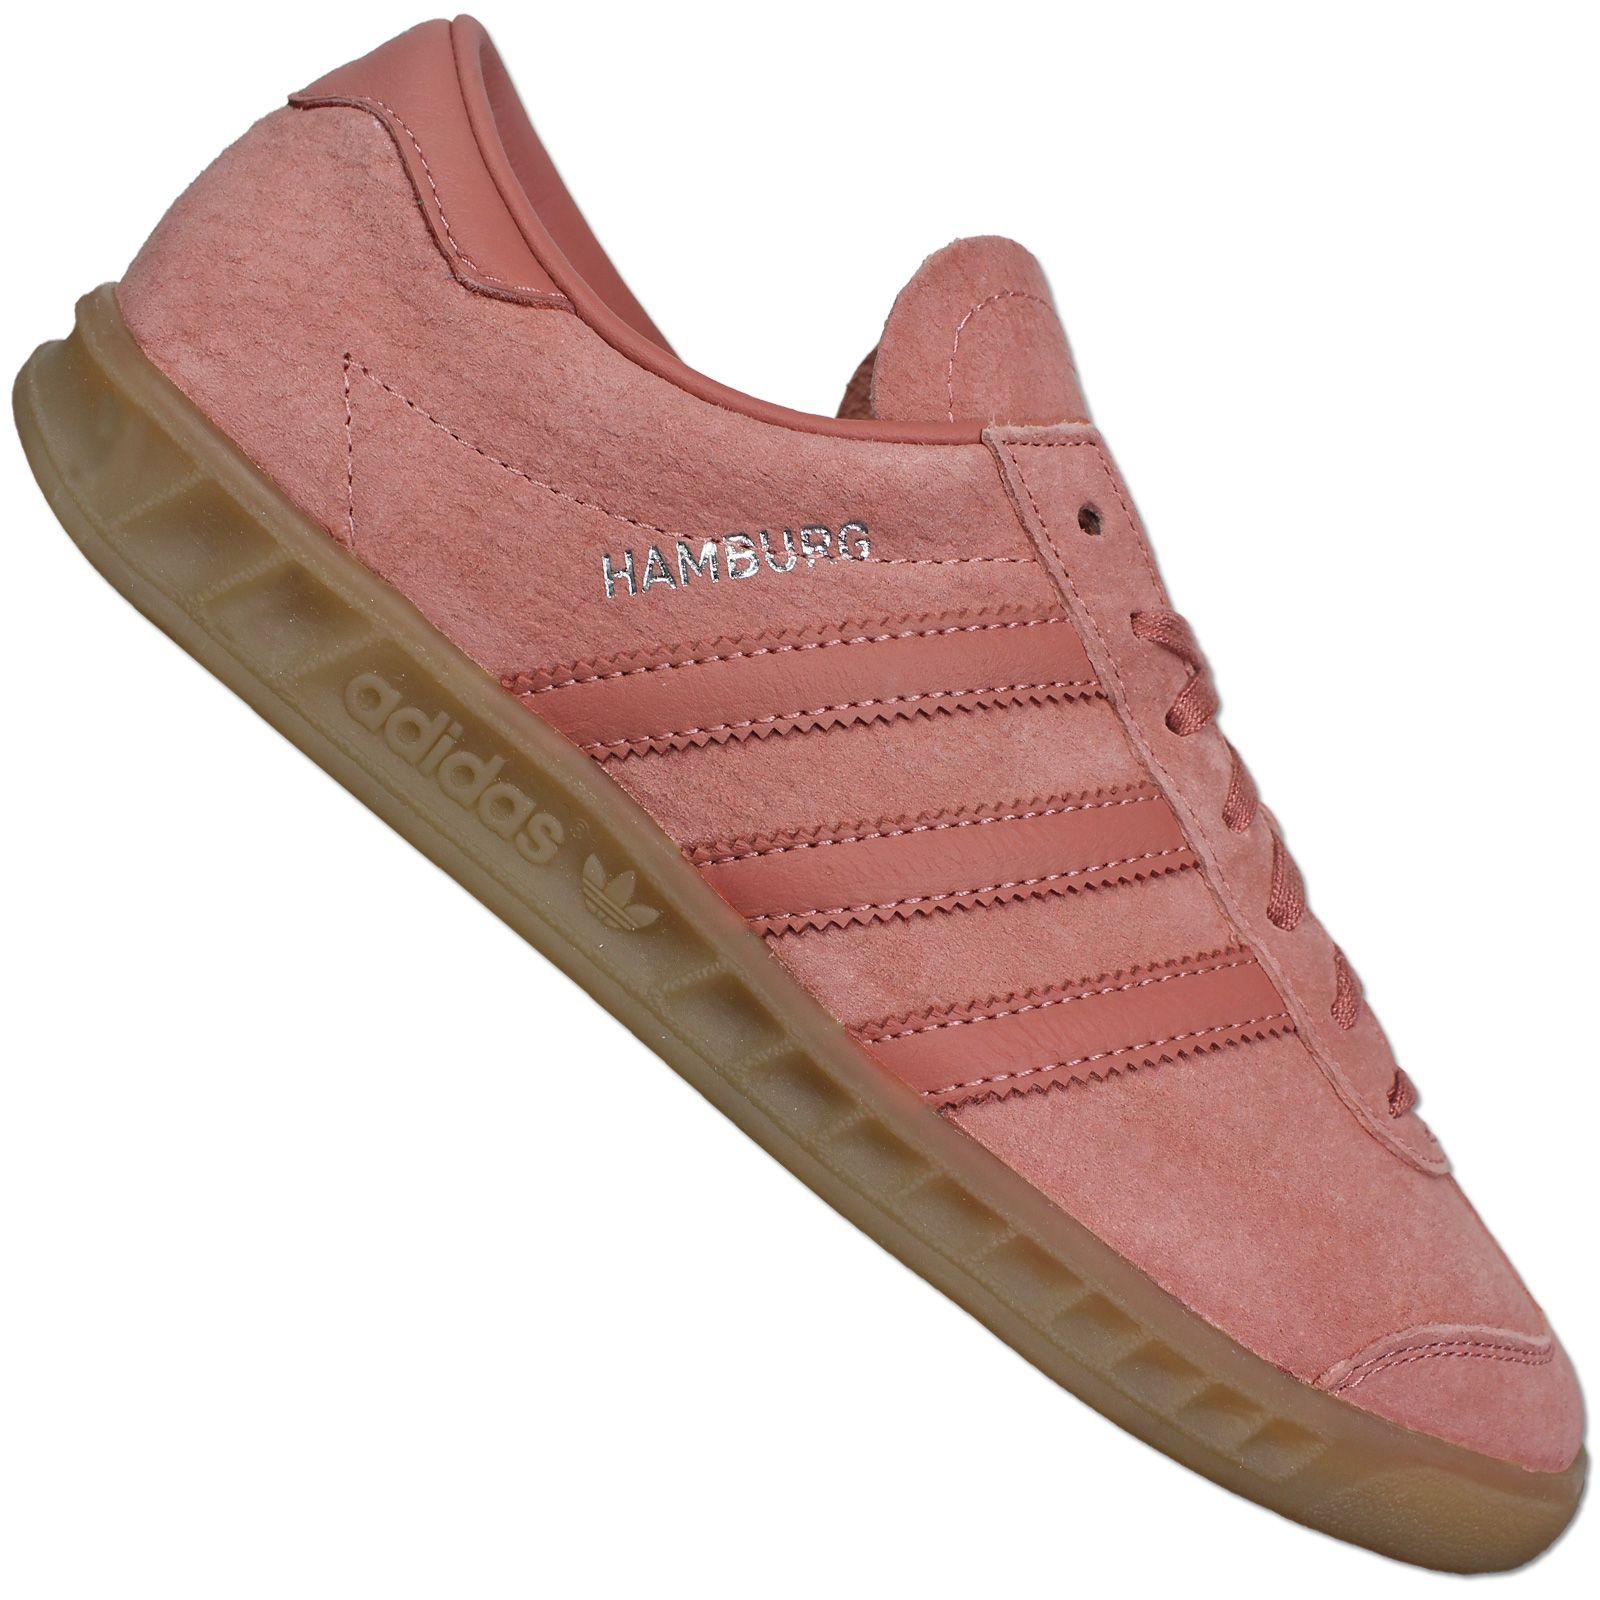 adidas Originals Hamburg Herren Sneaker Kult Schuhe Samba